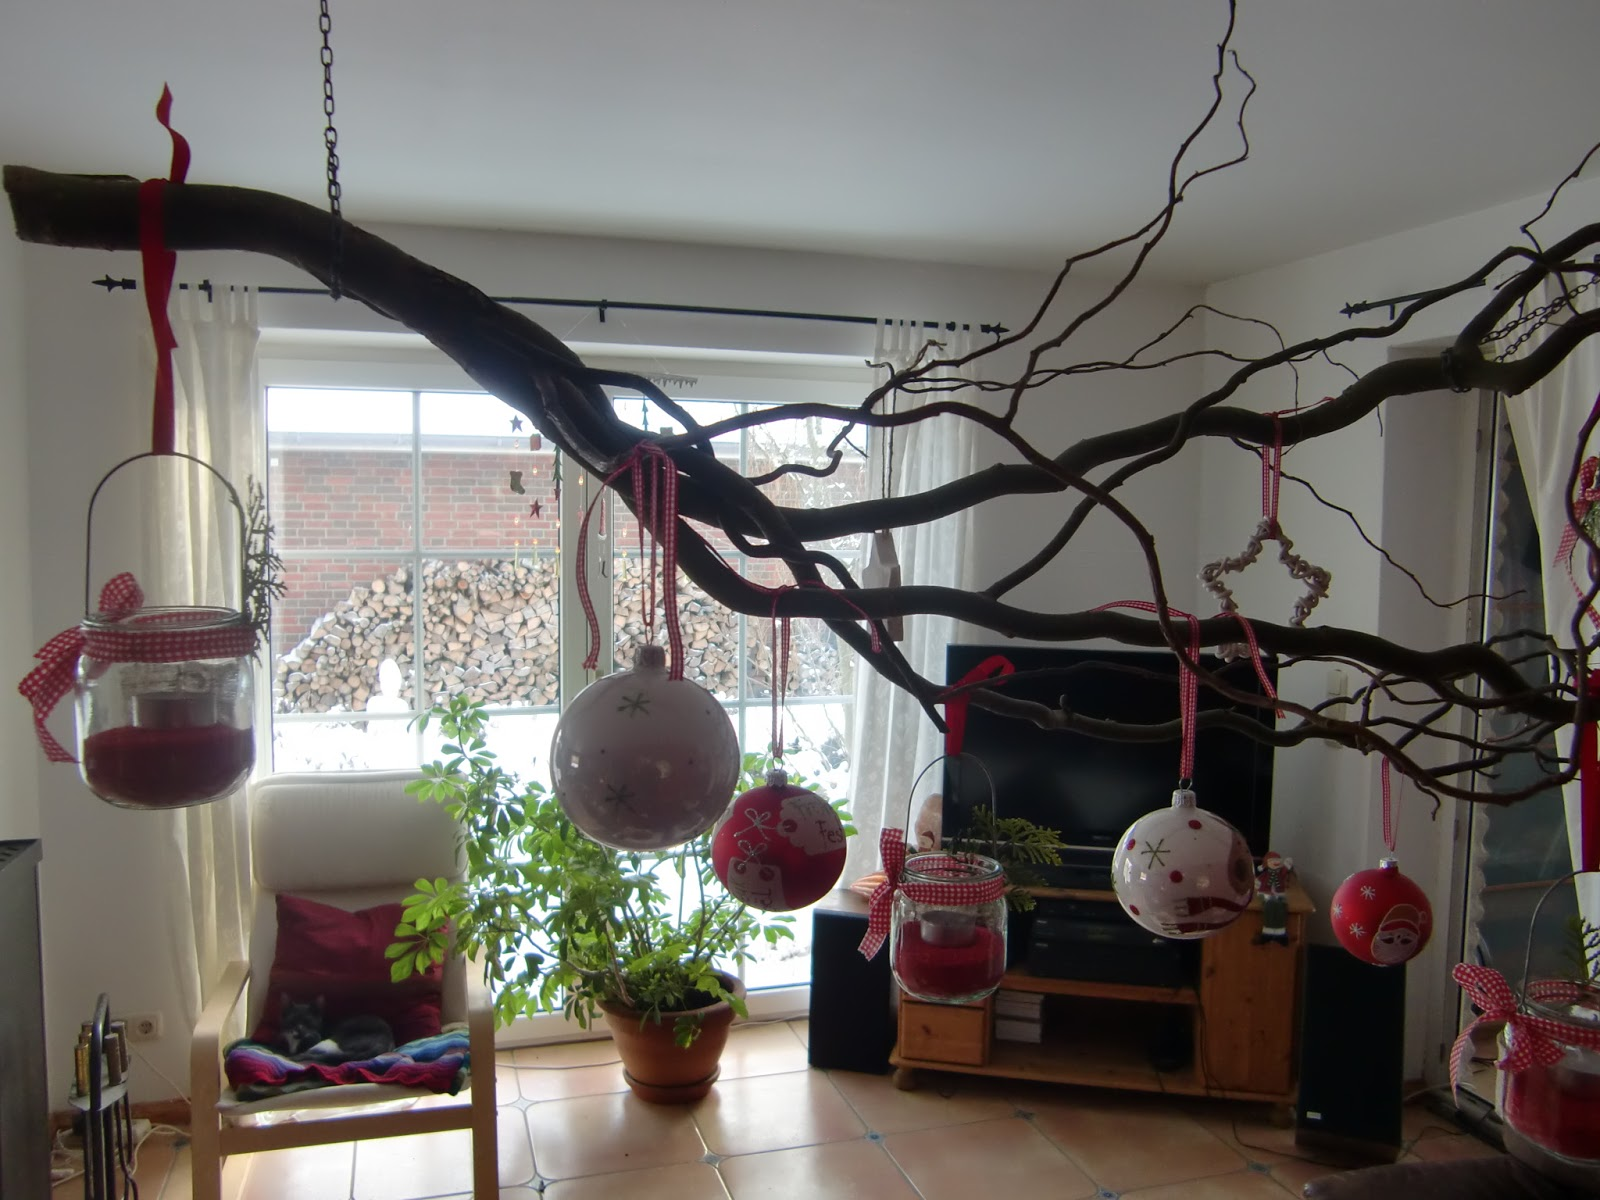 soap up your life wir haben einen adventsbaum. Black Bedroom Furniture Sets. Home Design Ideas